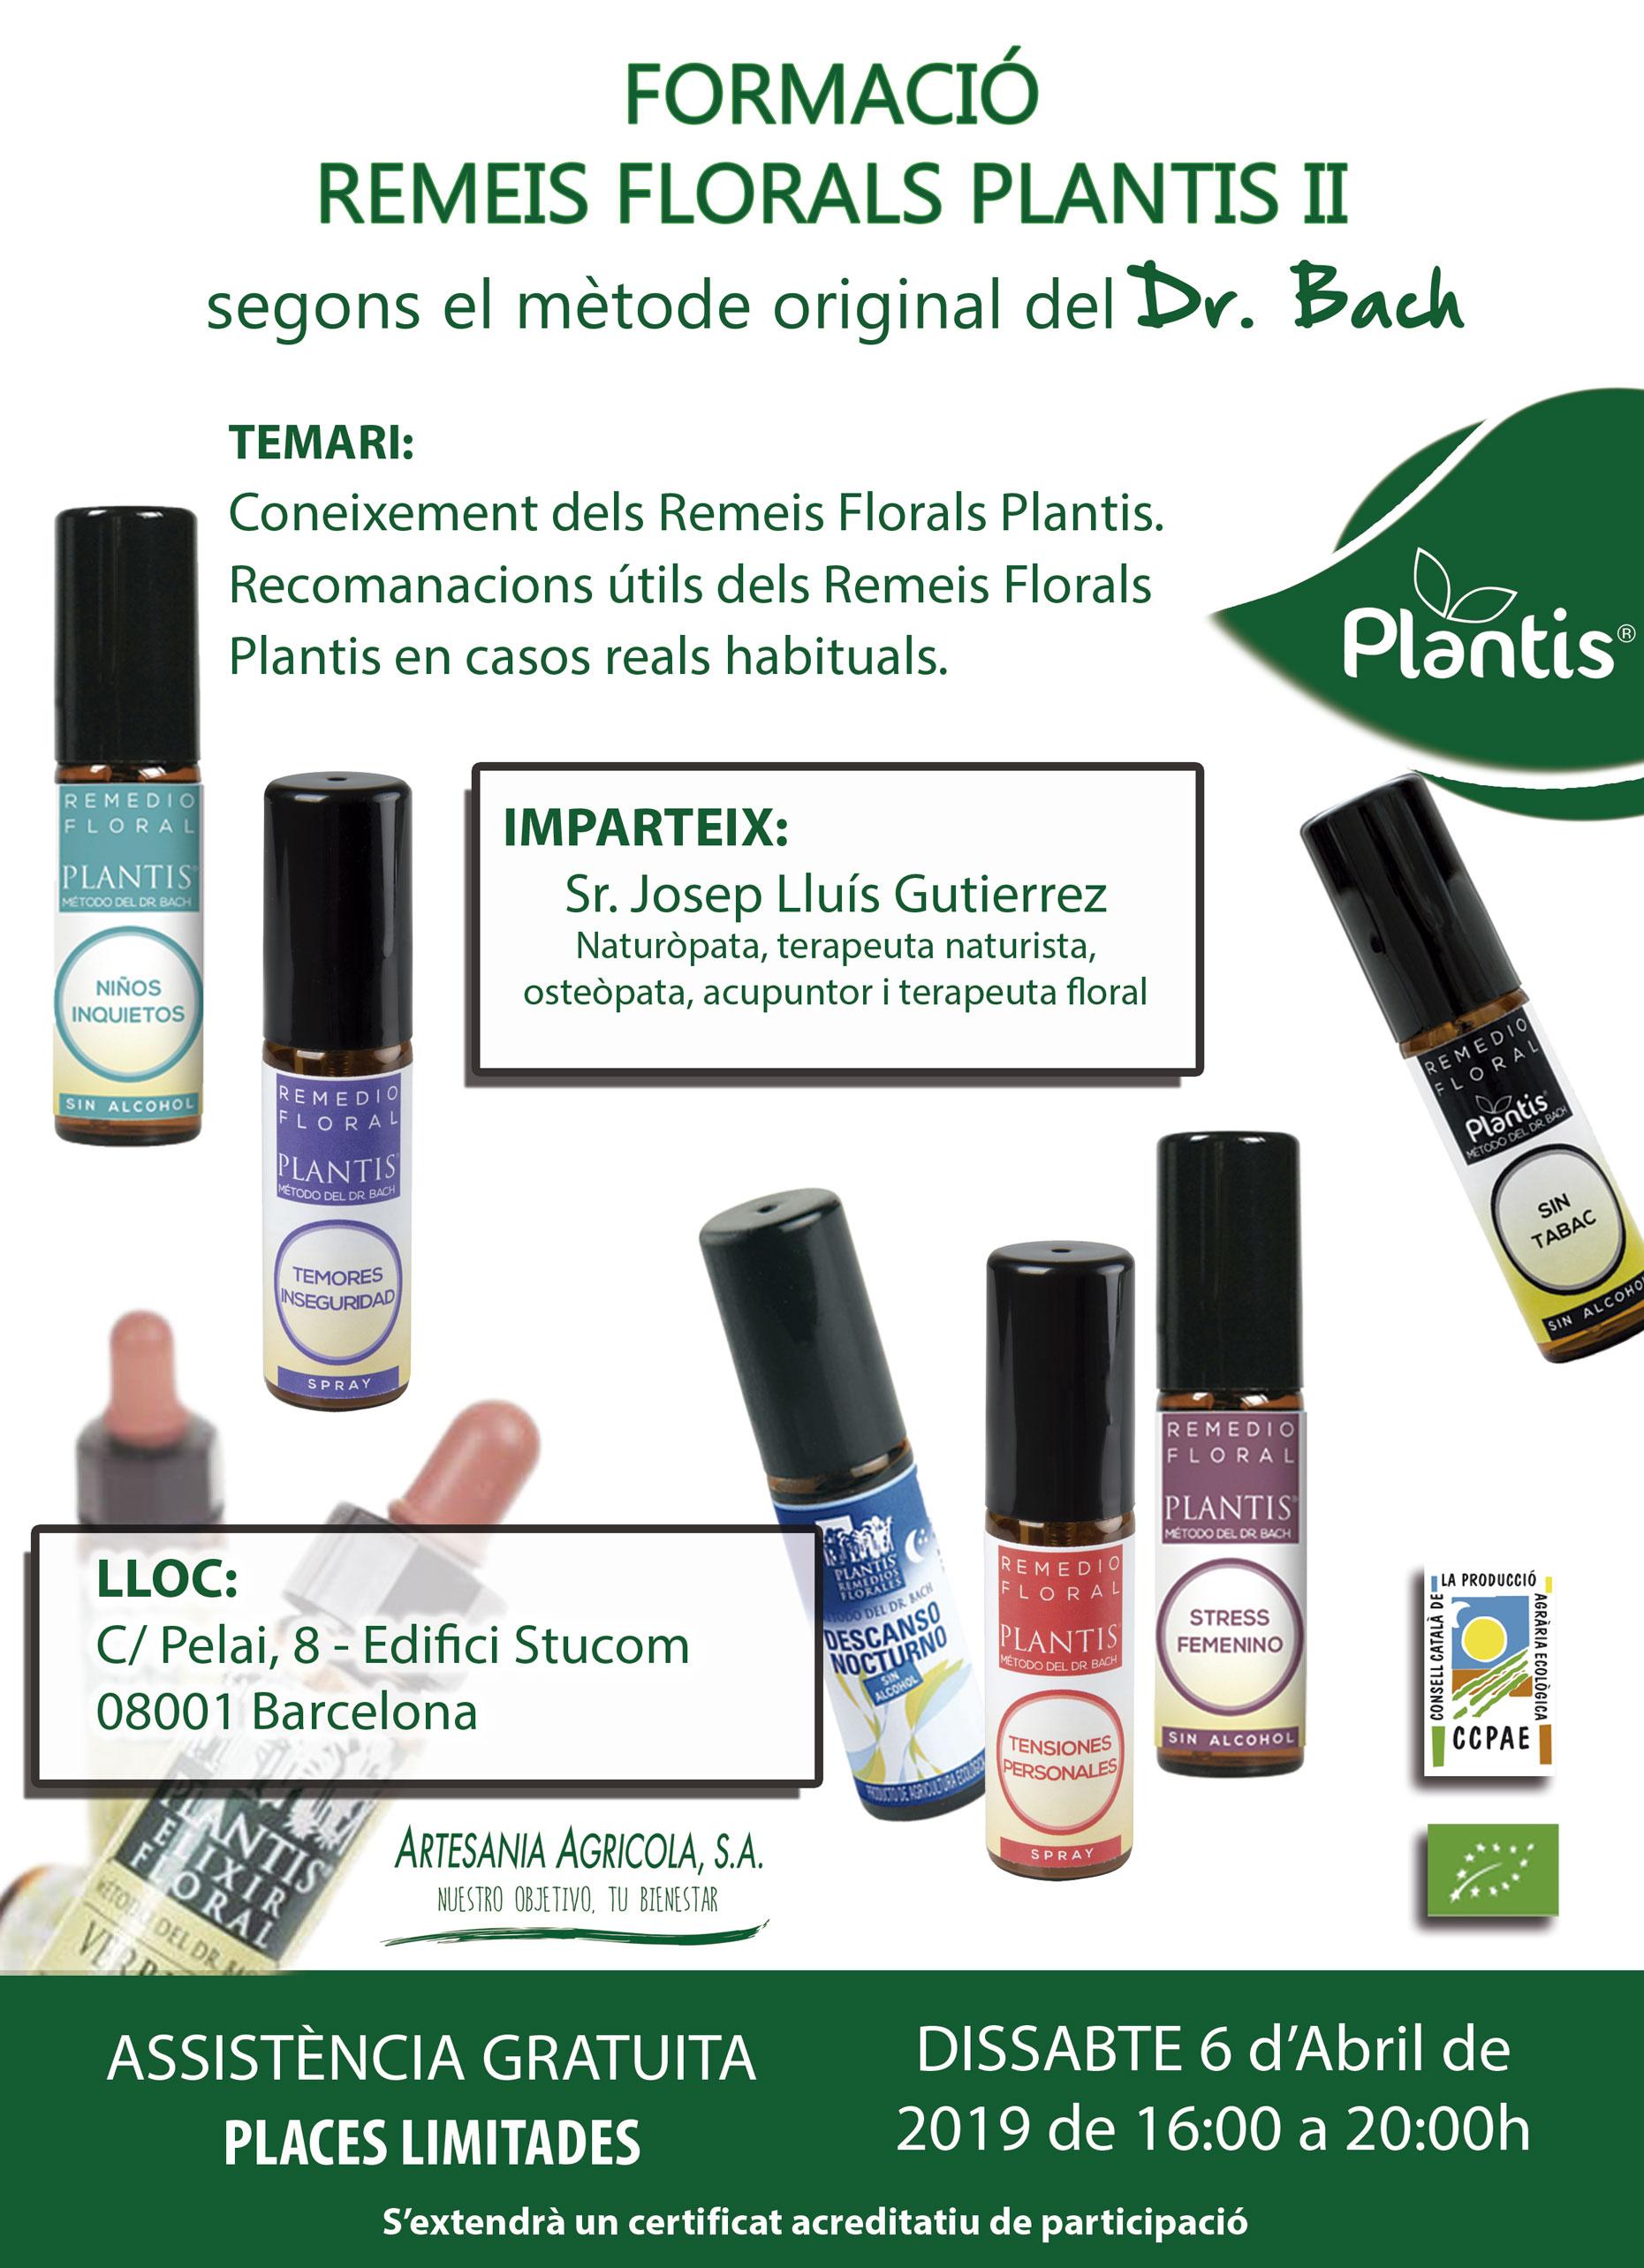 formacio-remeis-florals-plantis-II.jpg